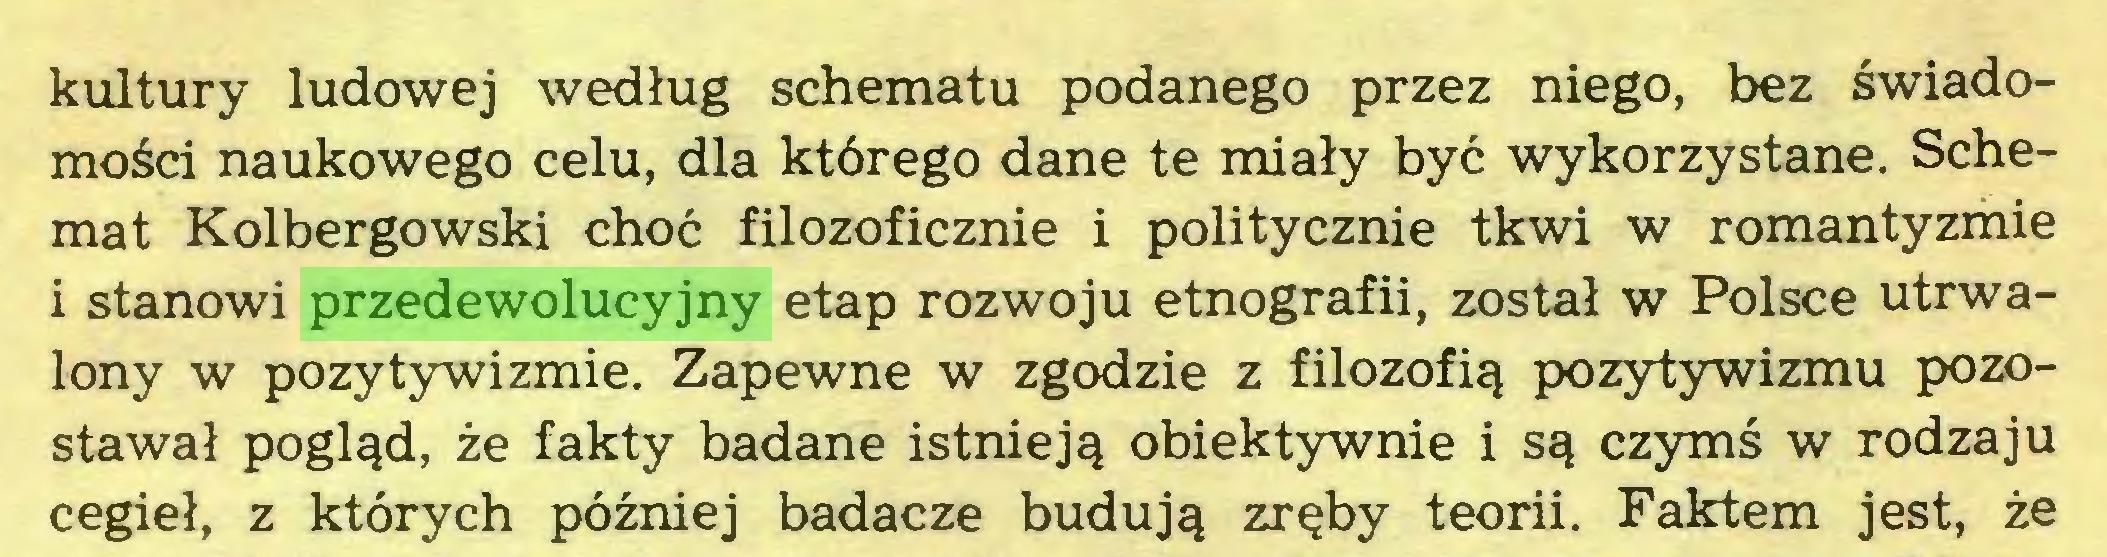 (...) kultury ludowej według schematu podanego przez niego, bez świadomości naukowego celu, dla którego dane te miały być wykorzystane. Schemat Kolbergowski choć filozoficznie i politycznie tkwi w romantyzmie i stanowi przedewolucyjny etap rozwoju etnografii, został w Polsce utrwalony w pozytywizmie. Zapewne w zgodzie z filozofią pozytywizmu pozostawał pogląd, że fakty badane istnieją obiektywnie i są czymś w rodzaju cegieł, z których później badacze budują zręby teorii. Faktem jest, że...